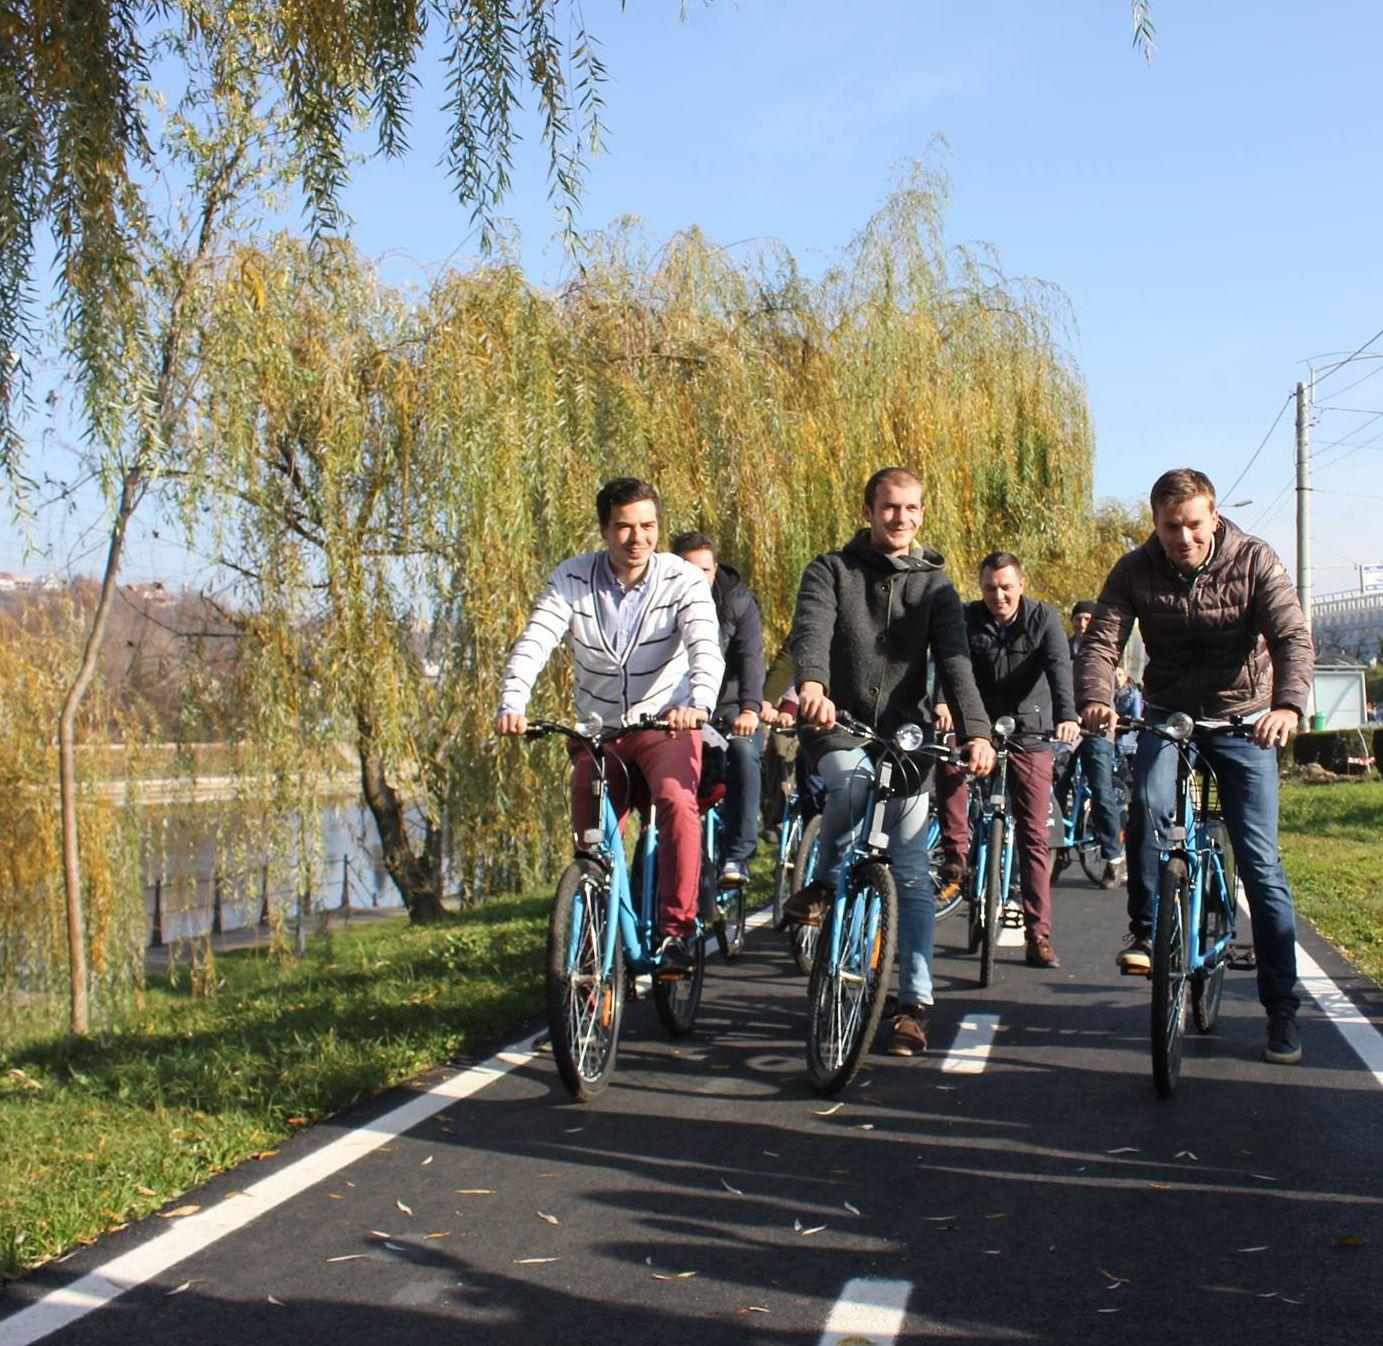 inaugurare bike sharing